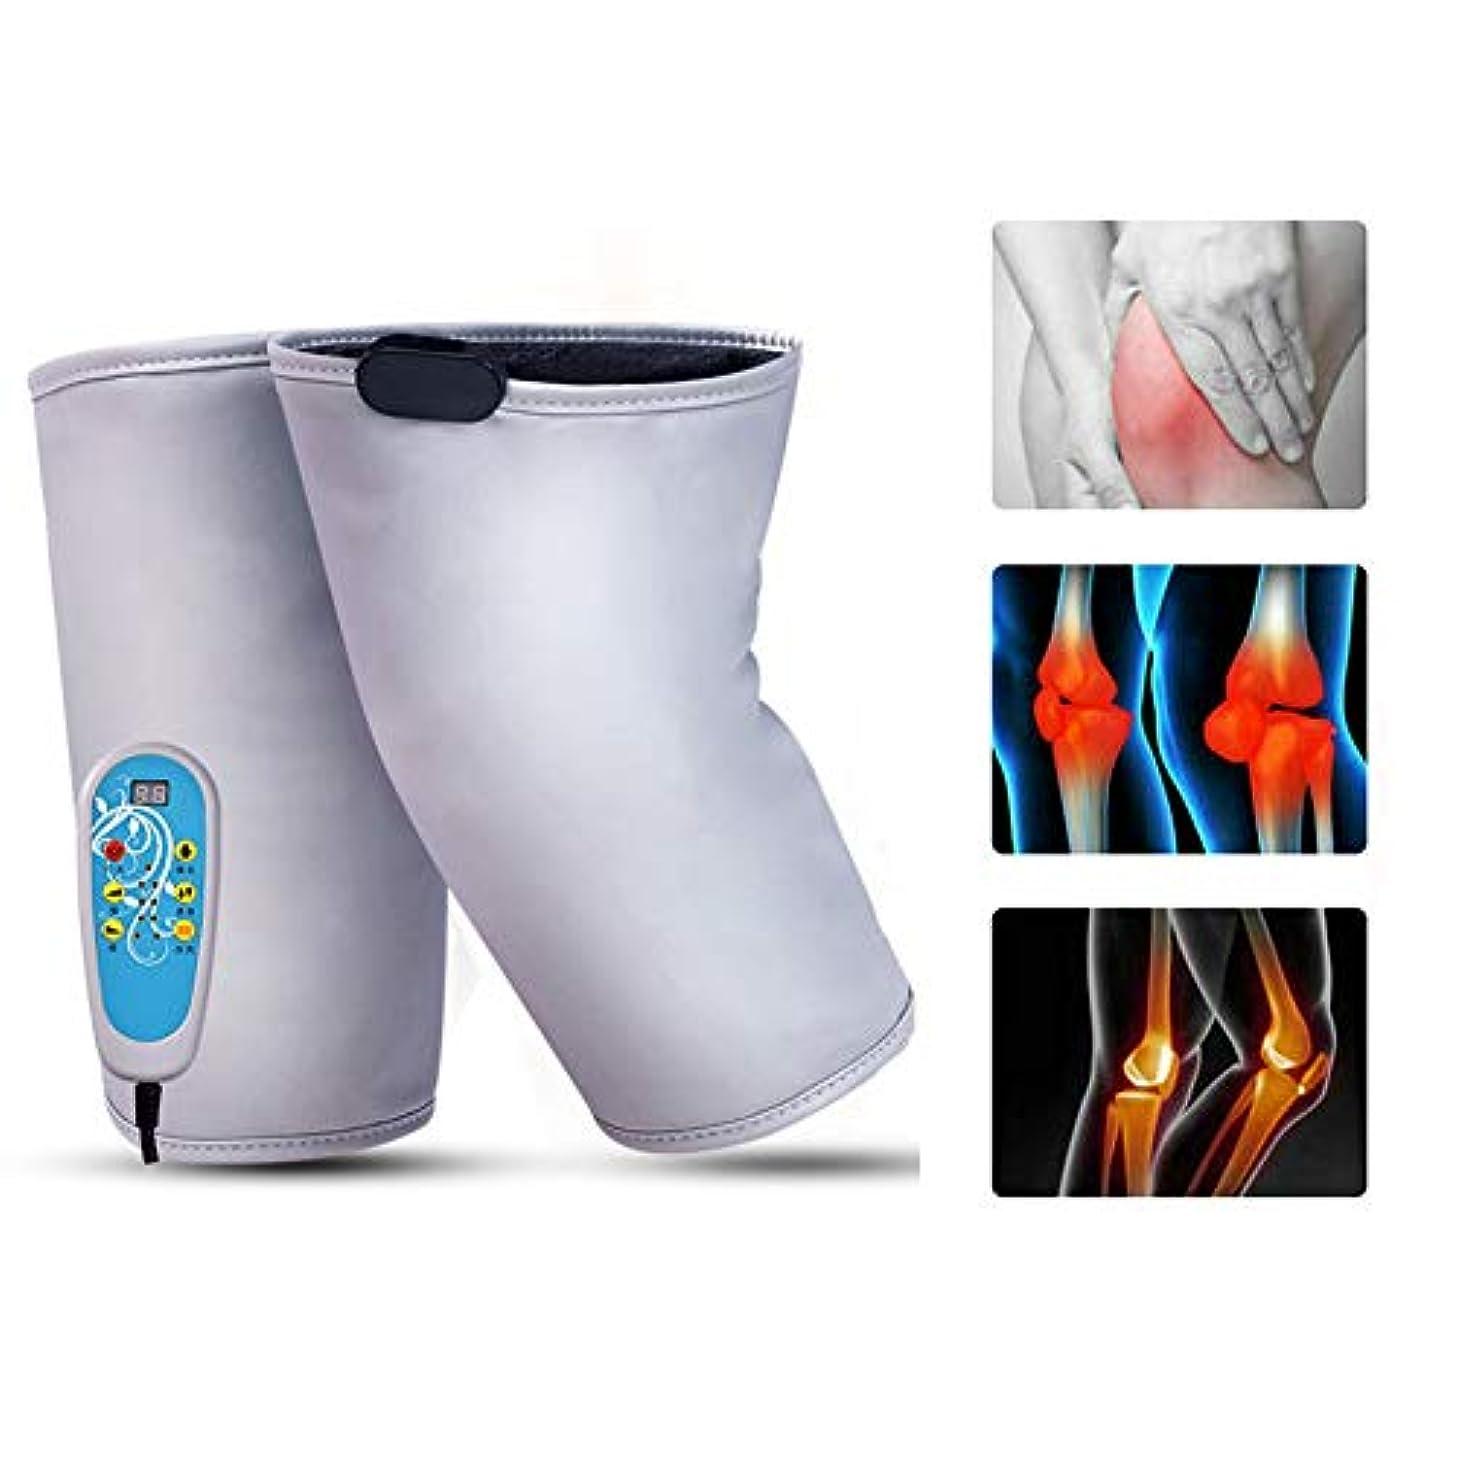 滞在拡大する国勢調査暖房膝装具サポート1対加熱膝パッドウォームラップ - 膝のけが、痛みを軽減するための9マッサージモードのセラピーマッサージャー